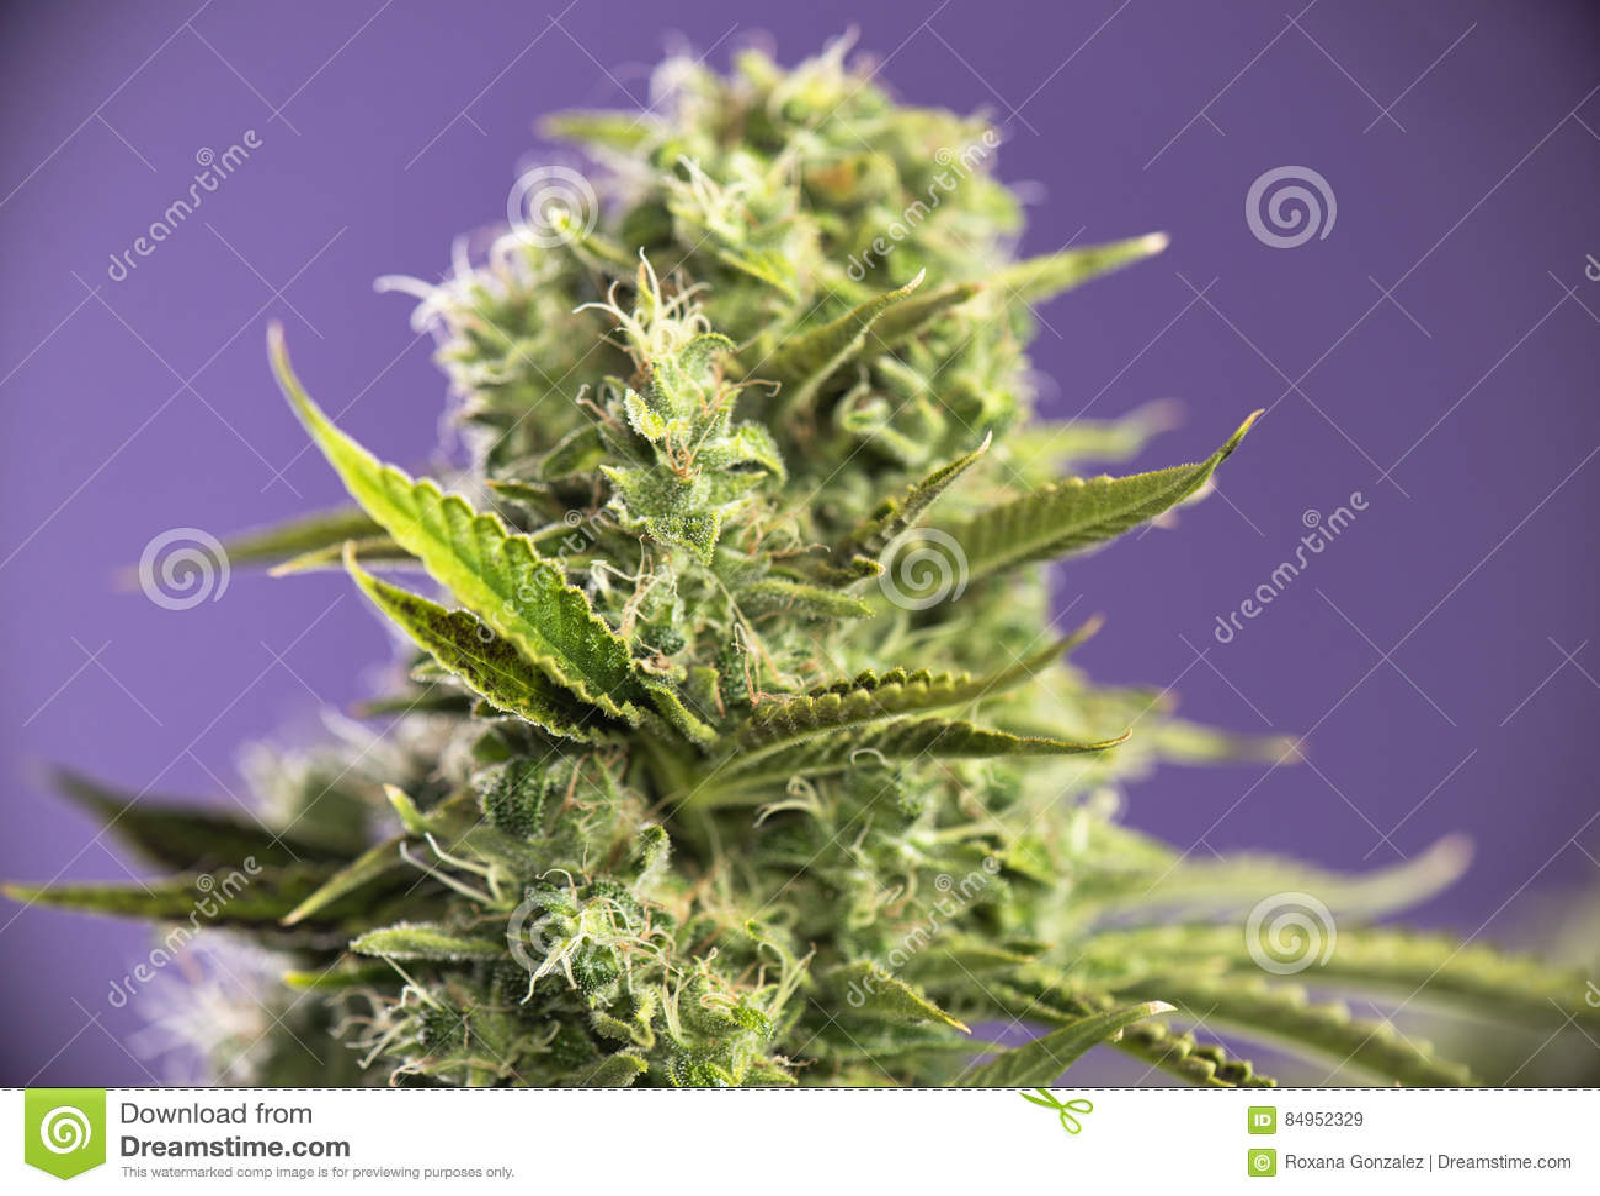 大麻可乐冠royale与可看见的头发的大麻张力